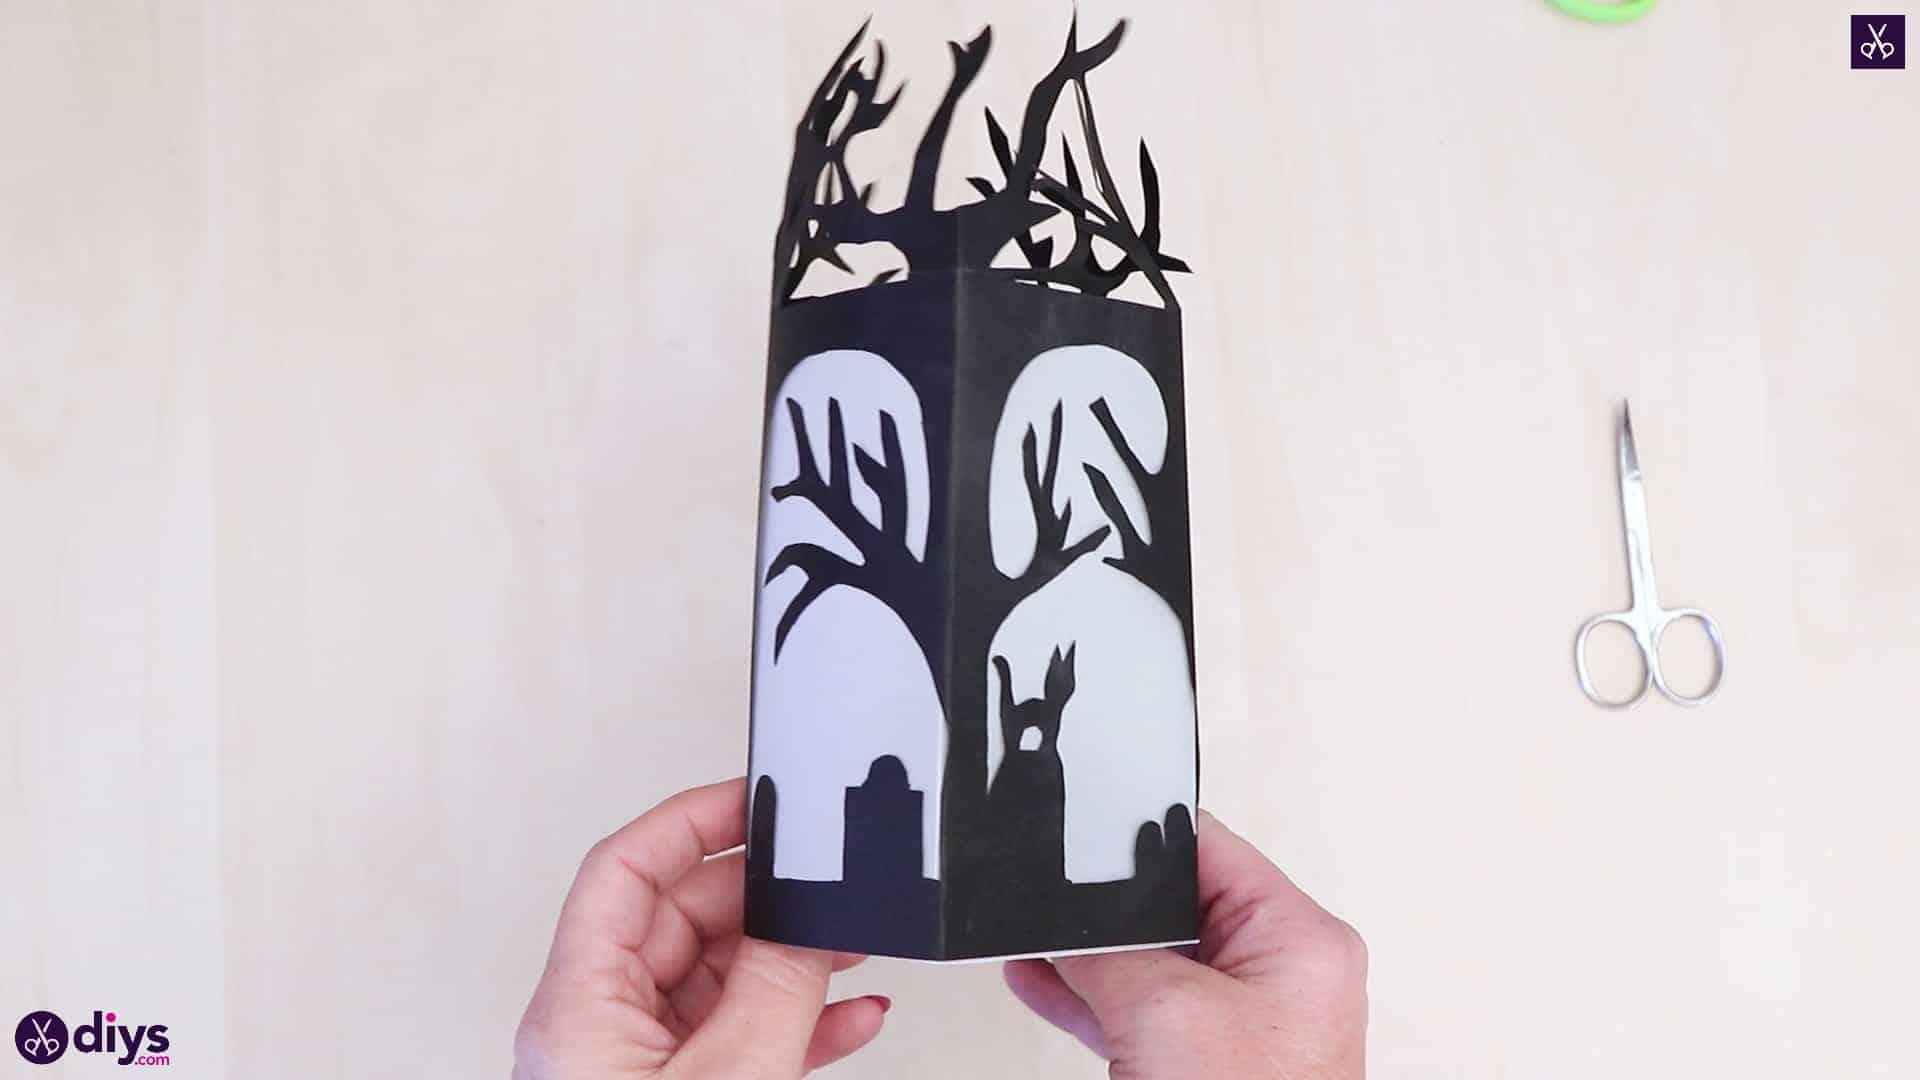 Diy paper lantern art